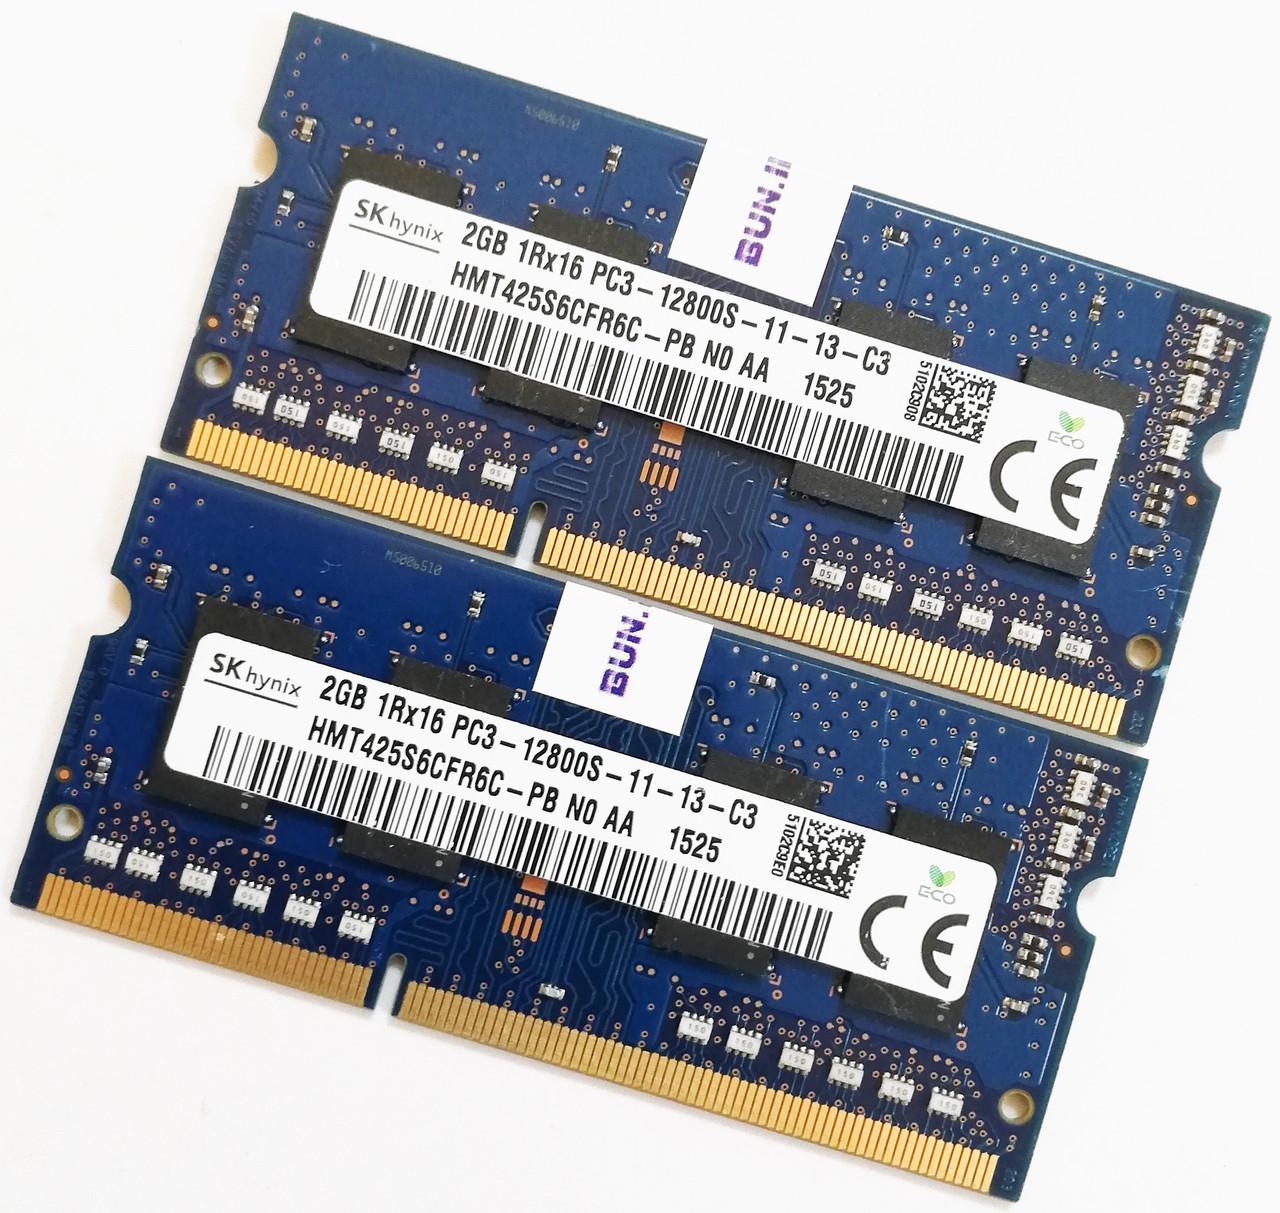 Пара оперативной памяти для ноутбука Hynix DDR3 4Gb (2*2Gb) 1600MHz 12800s CL11 (HMT425S6CFR6C-PB N0 AA) Б/У